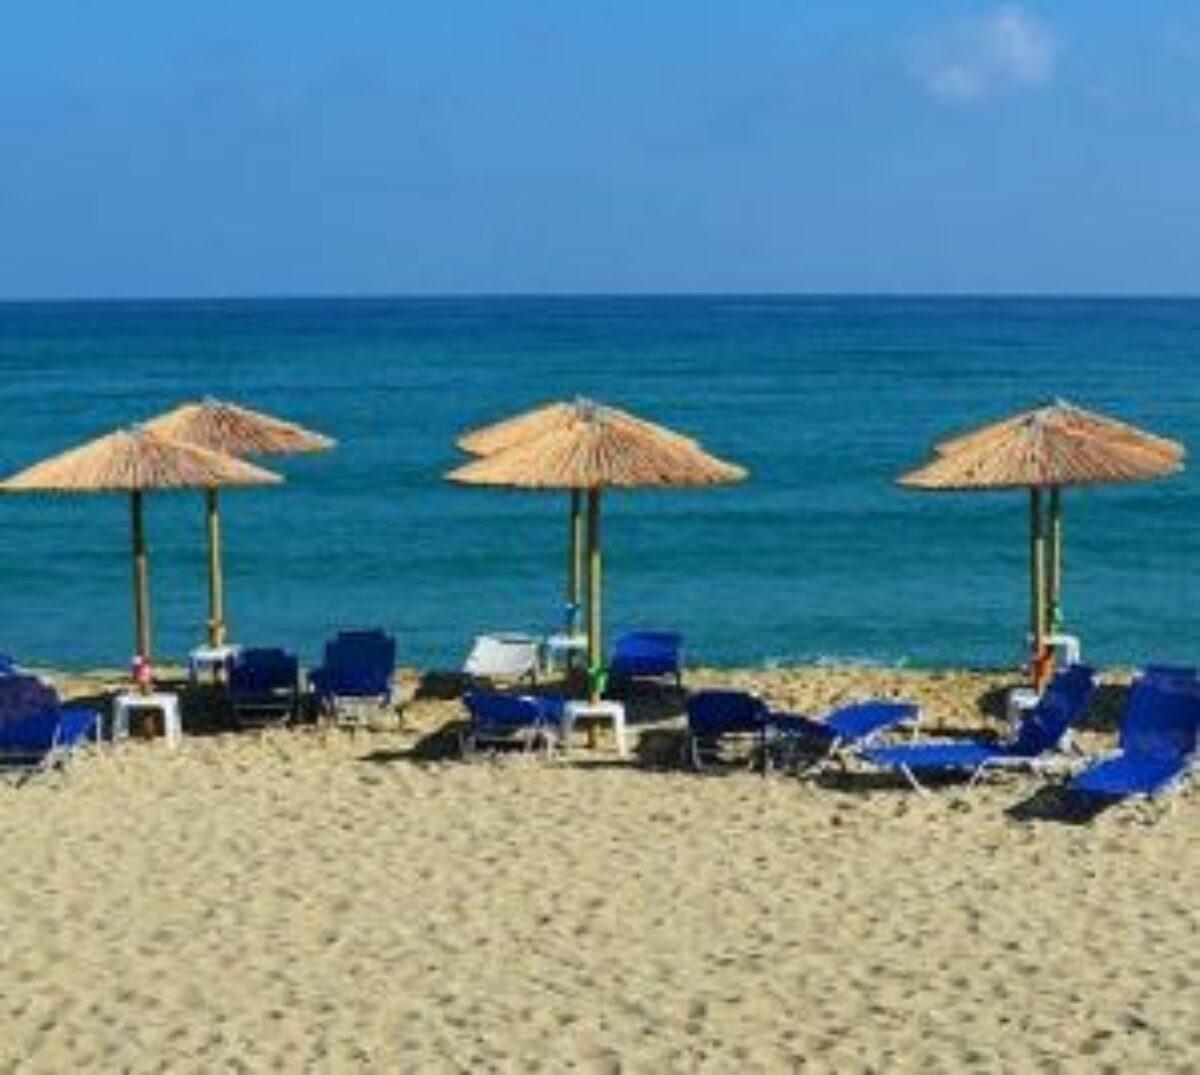 Ικαρία: Οι 5 καλύτερες παραλίες του νησιού - Exploring Greece TV